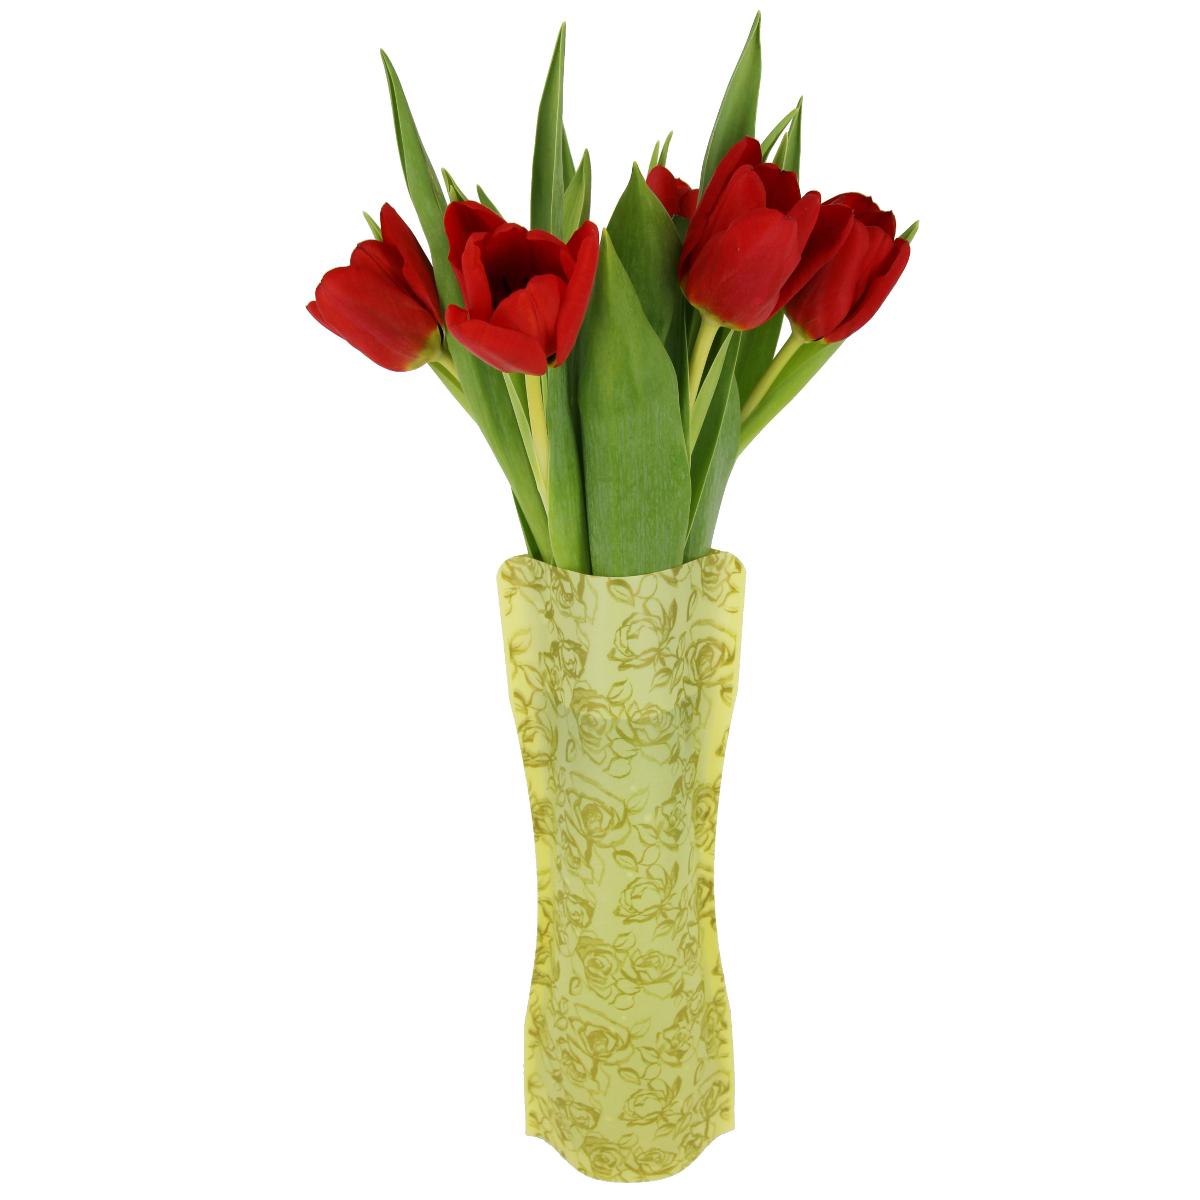 Ваза МастерПроф Золотые розы, пластичная, 1 лHS.040033Пластичная ваза Золотые розы легко складывается, удобно хранится - занимает мало места, долго служит. Всегда пригодится дома, в офисе, на даче, для оформления различных меропритятий. Отлично подойдет для перевозки цветов, или просто в подарок. Инструкция: 1. Наполните вазу теплой водой; 2. Дно и стенки расправятся; 3. Вылейте воду; 4. Наполните вазу холодной водой; 5. Вставьте цветы. Меры предосторожности: Хранить вдали от источников тепла и яркого солнечного света. С осторожностью применять для растений с длинными стеблями и с крупными соцветиями, что бы избежать опрокидывания вазы.